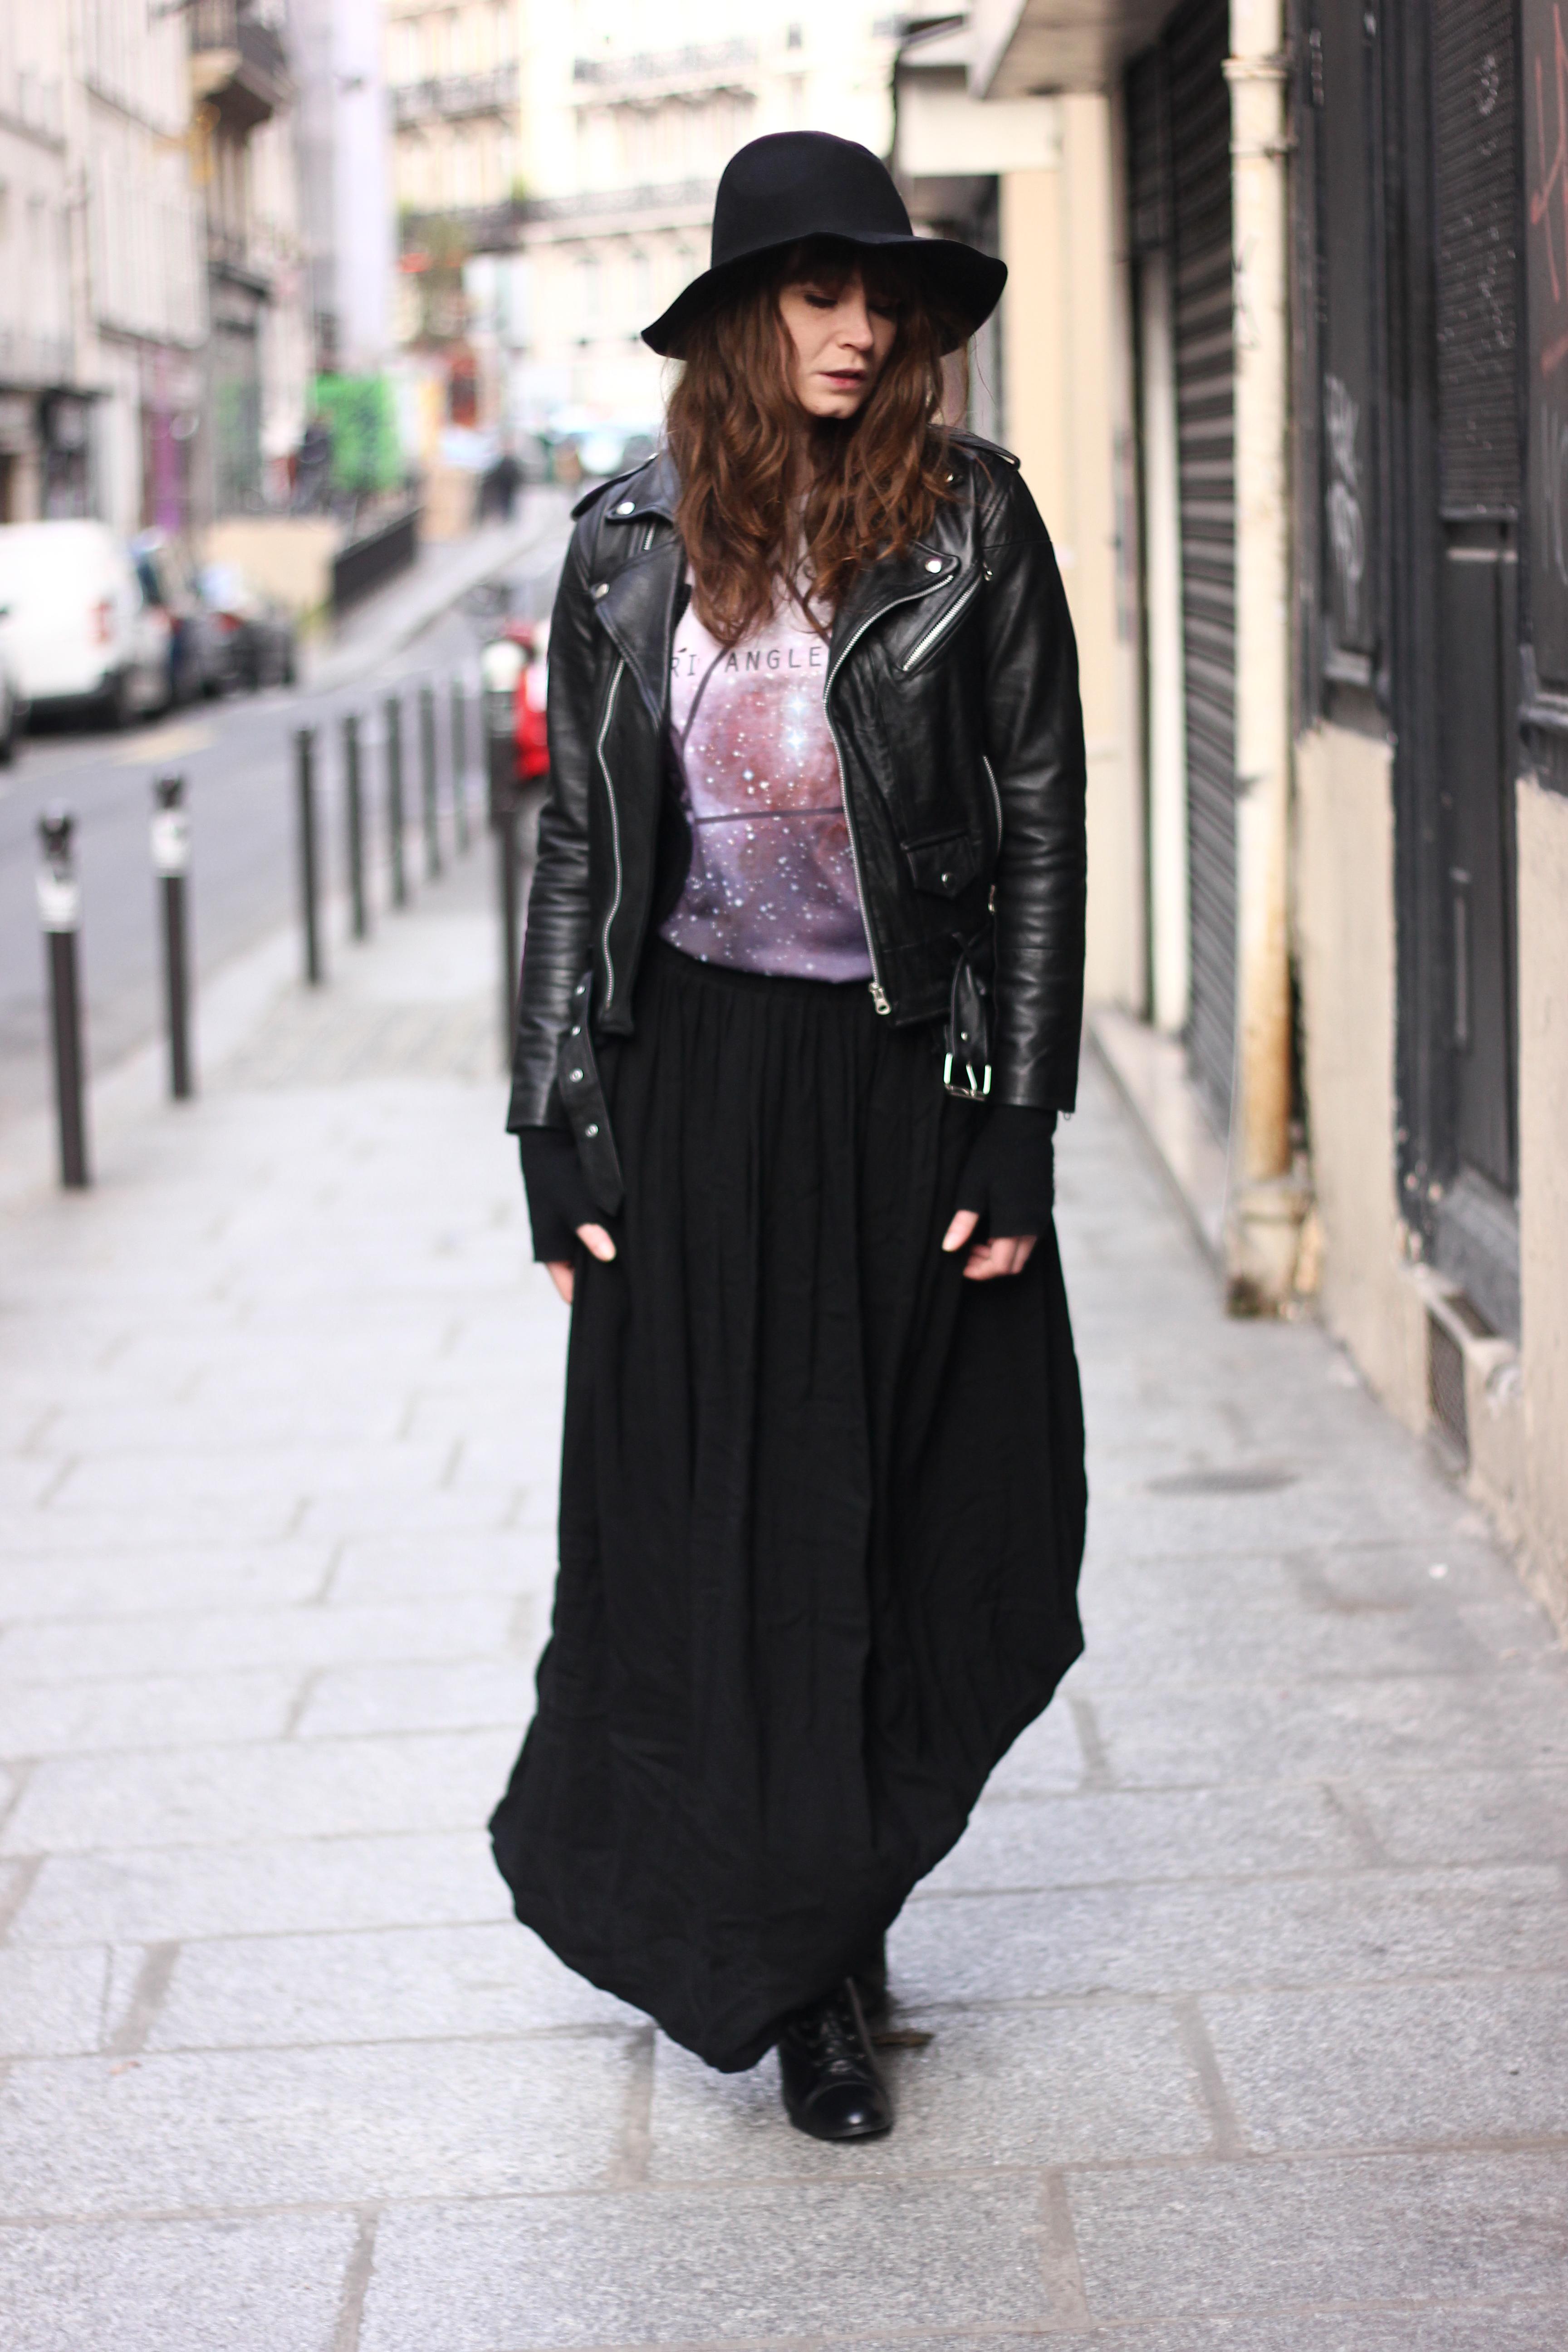 Préférence Style d'un jour | Le blog mode de Mahayanna | Page 40 DX15